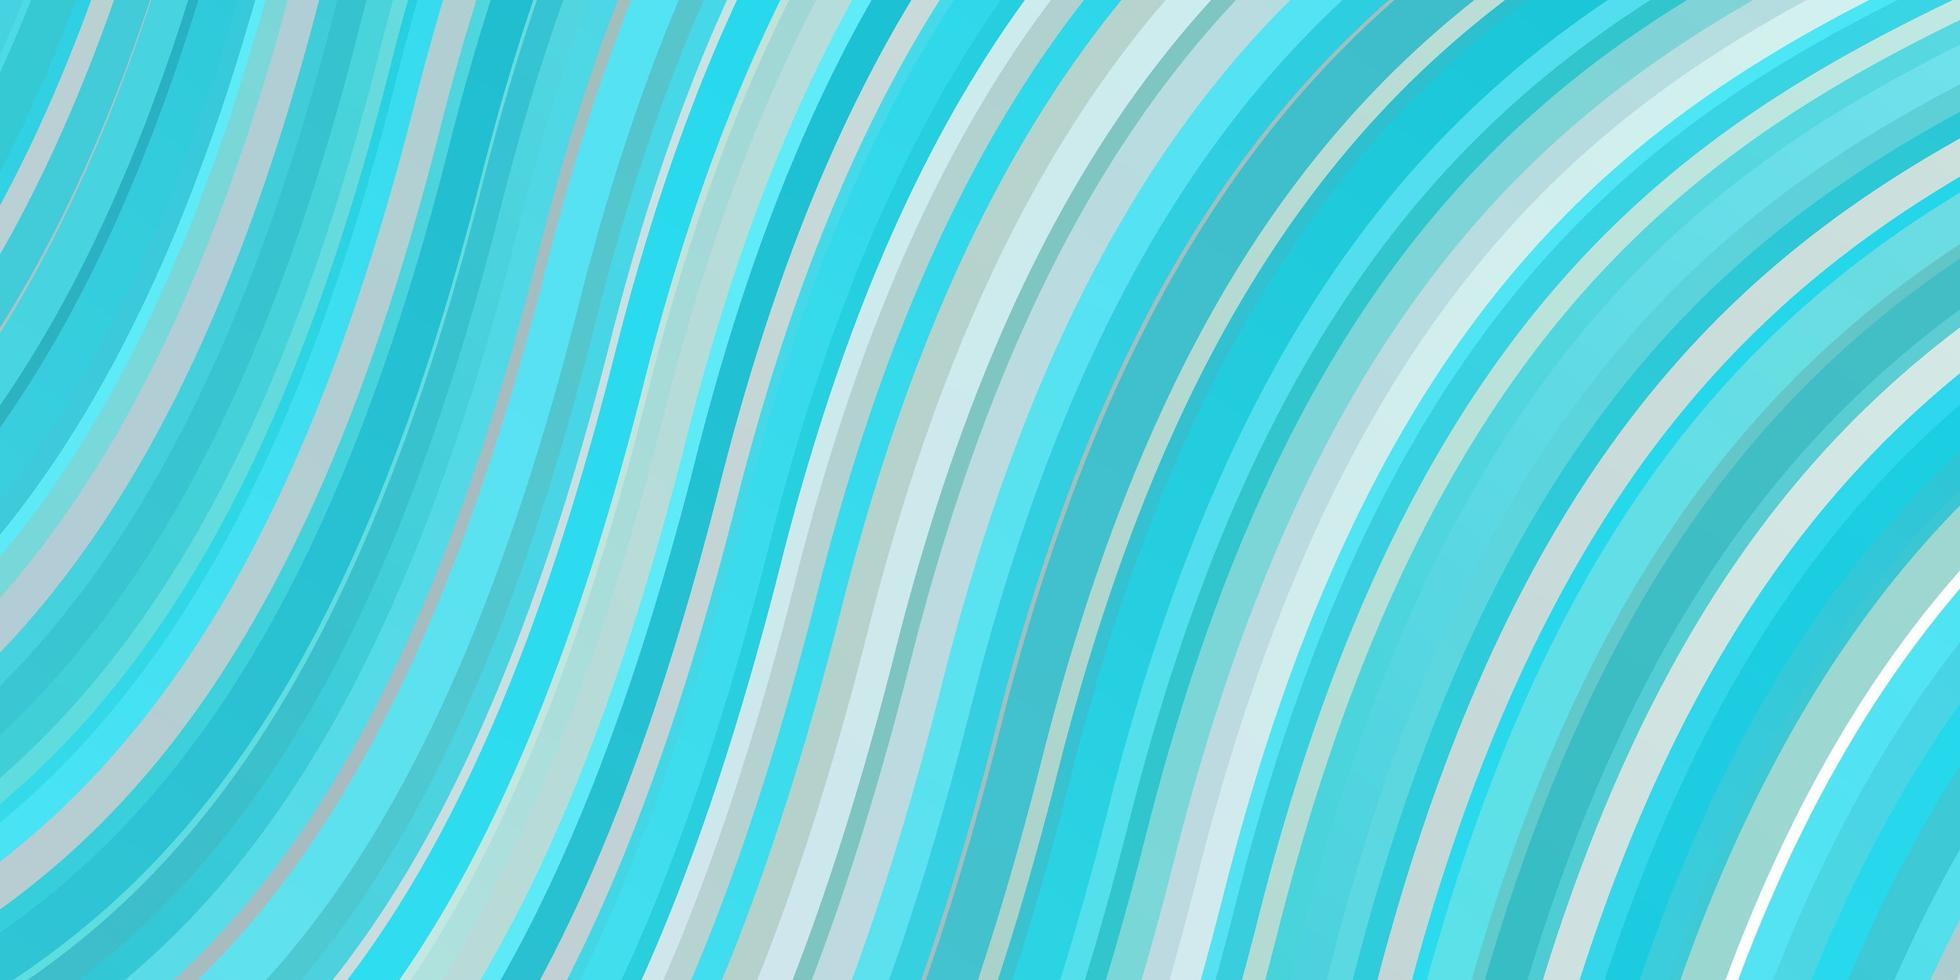 hellblaue und grüne Schablone mit geschwungenen Linien. vektor